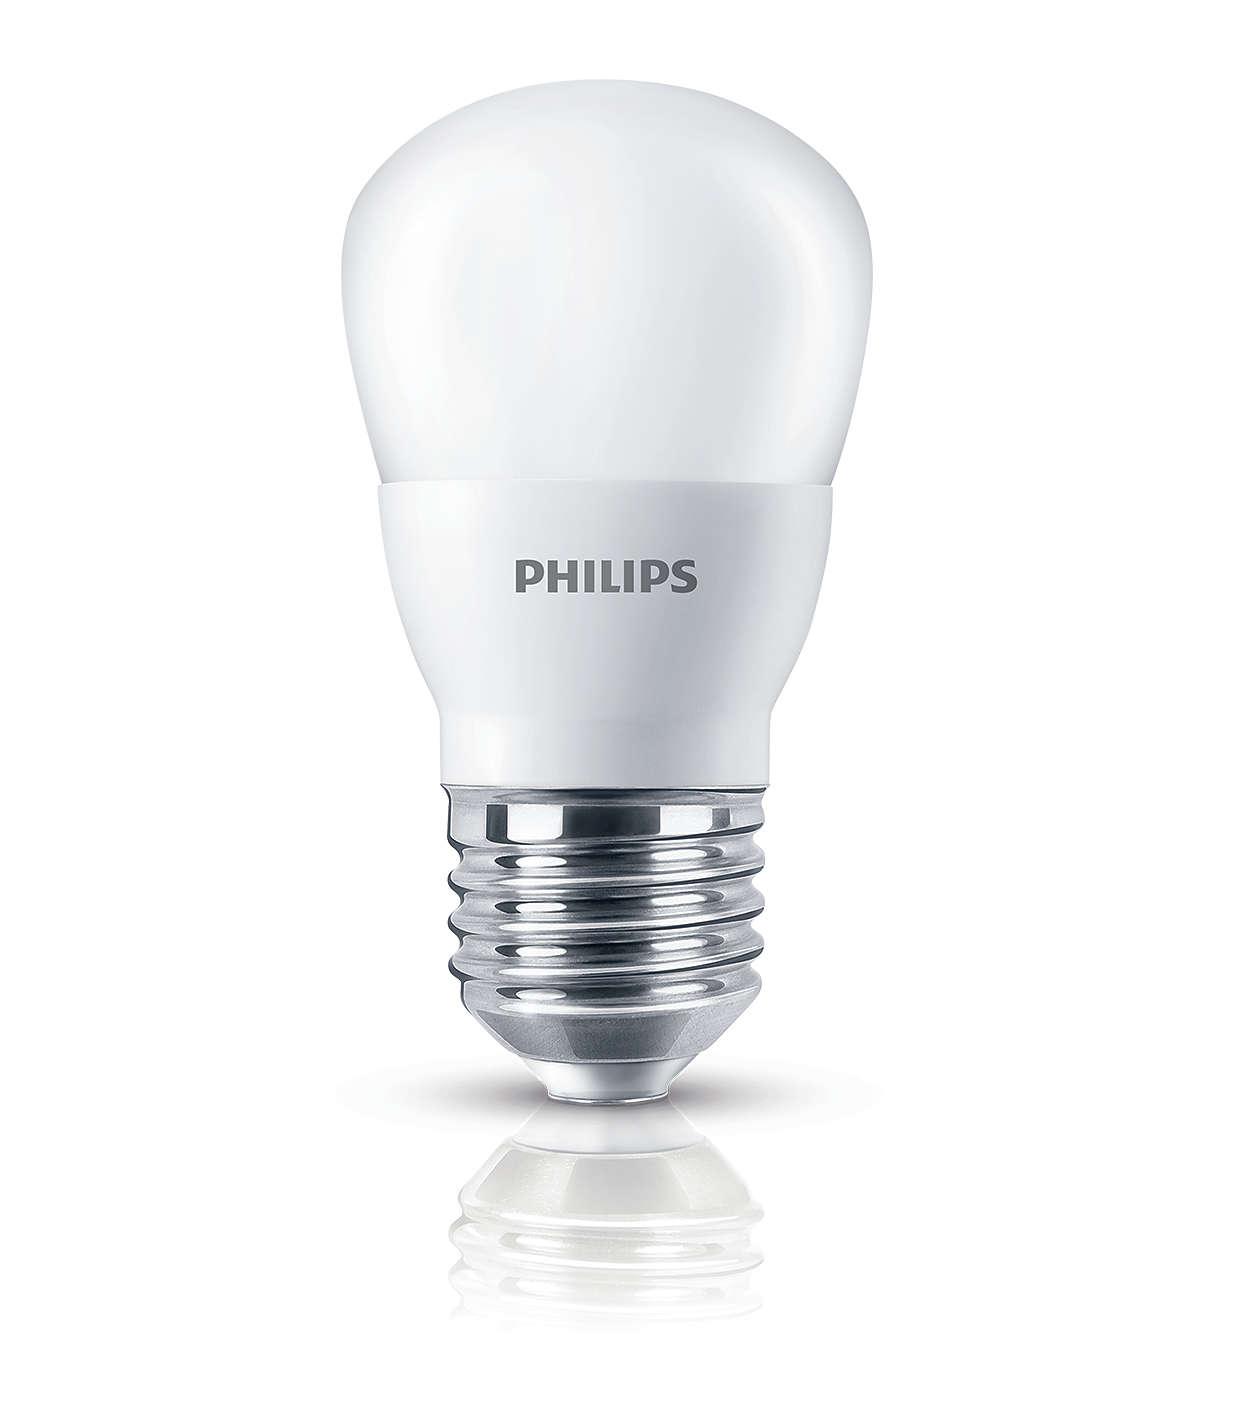 Iluminación LED brillante con excelente calidad de luz